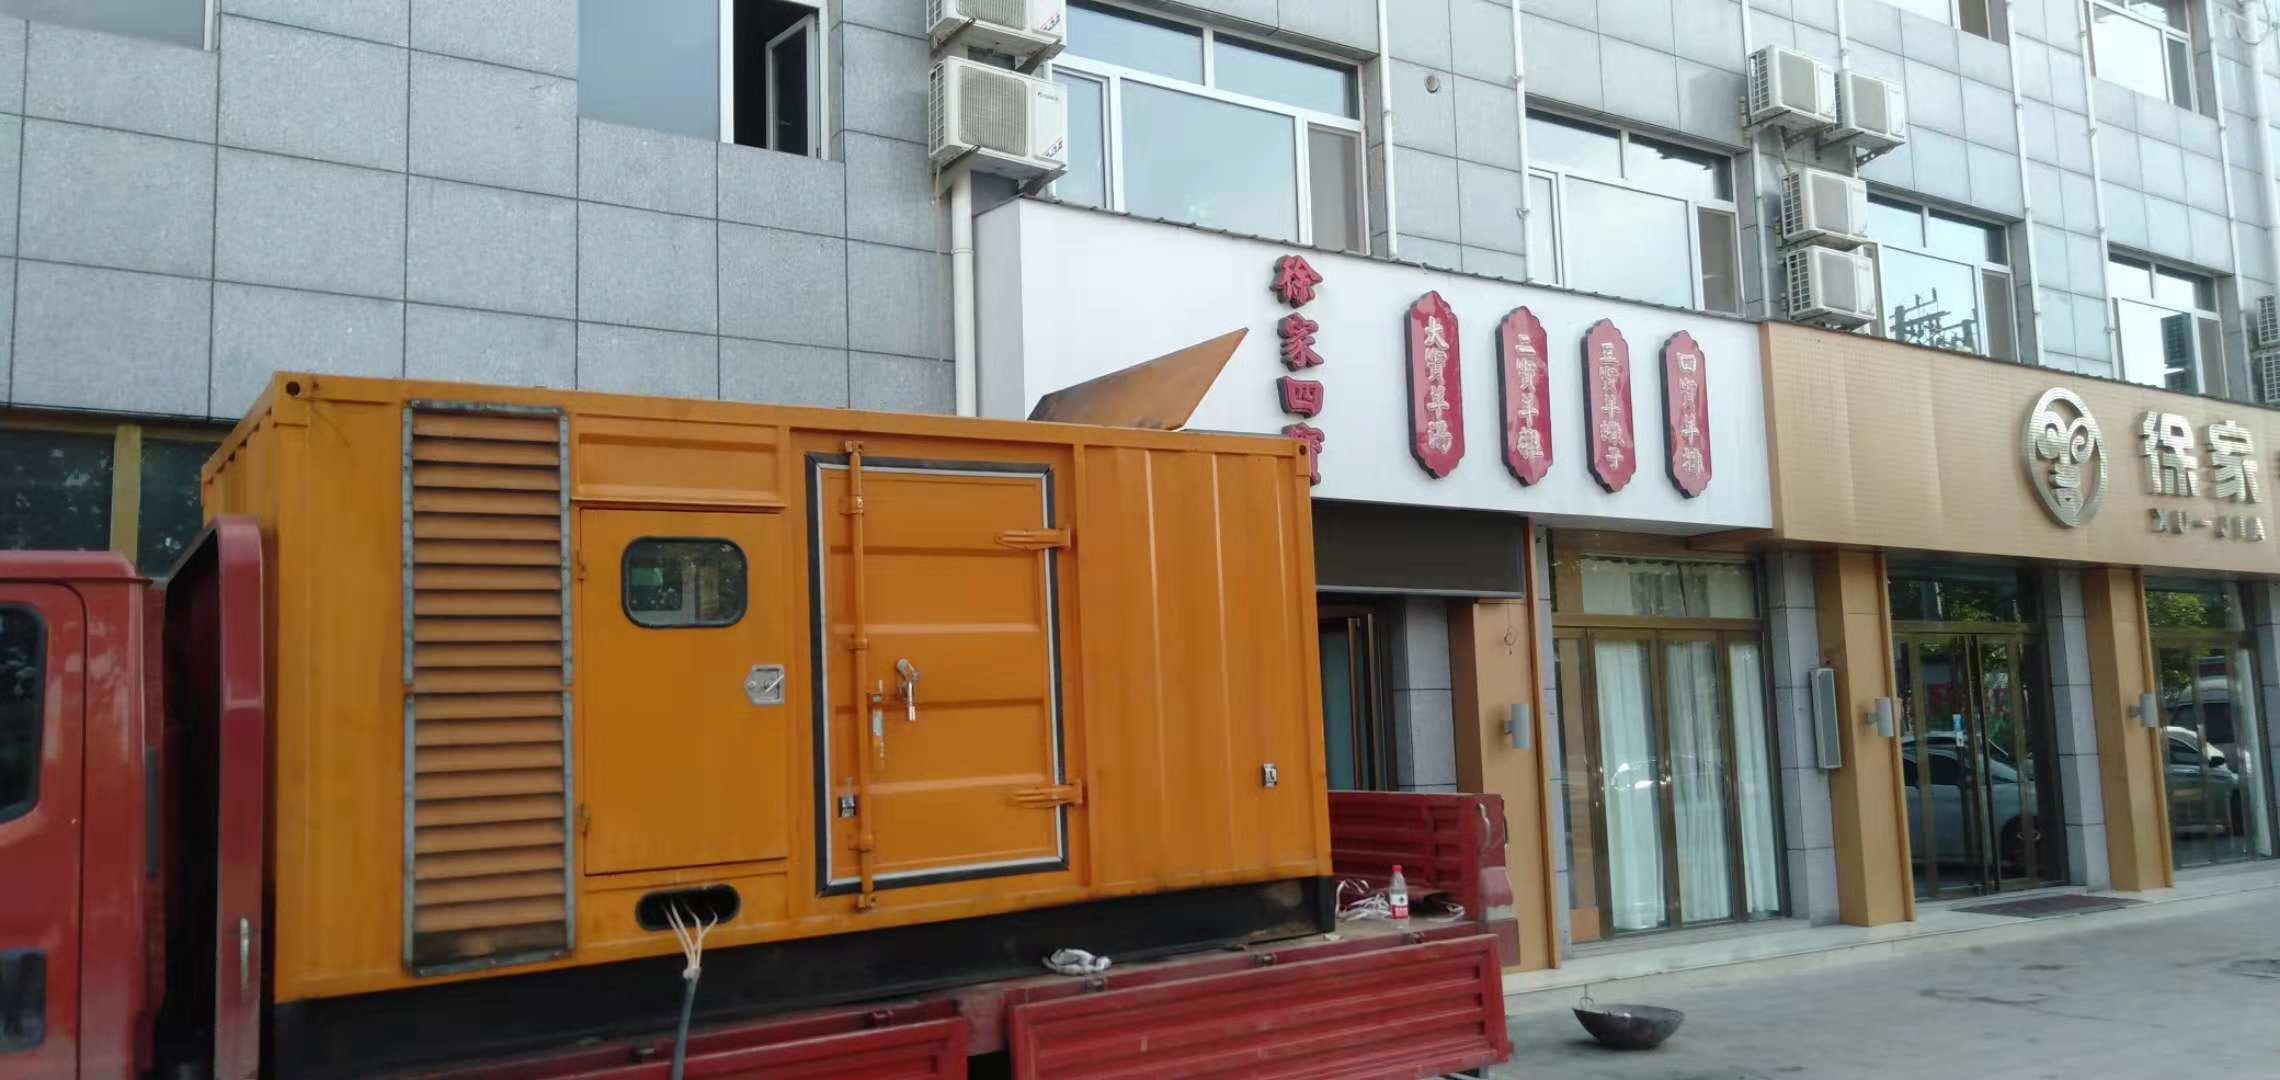 邯郸发电车出租01.jpg